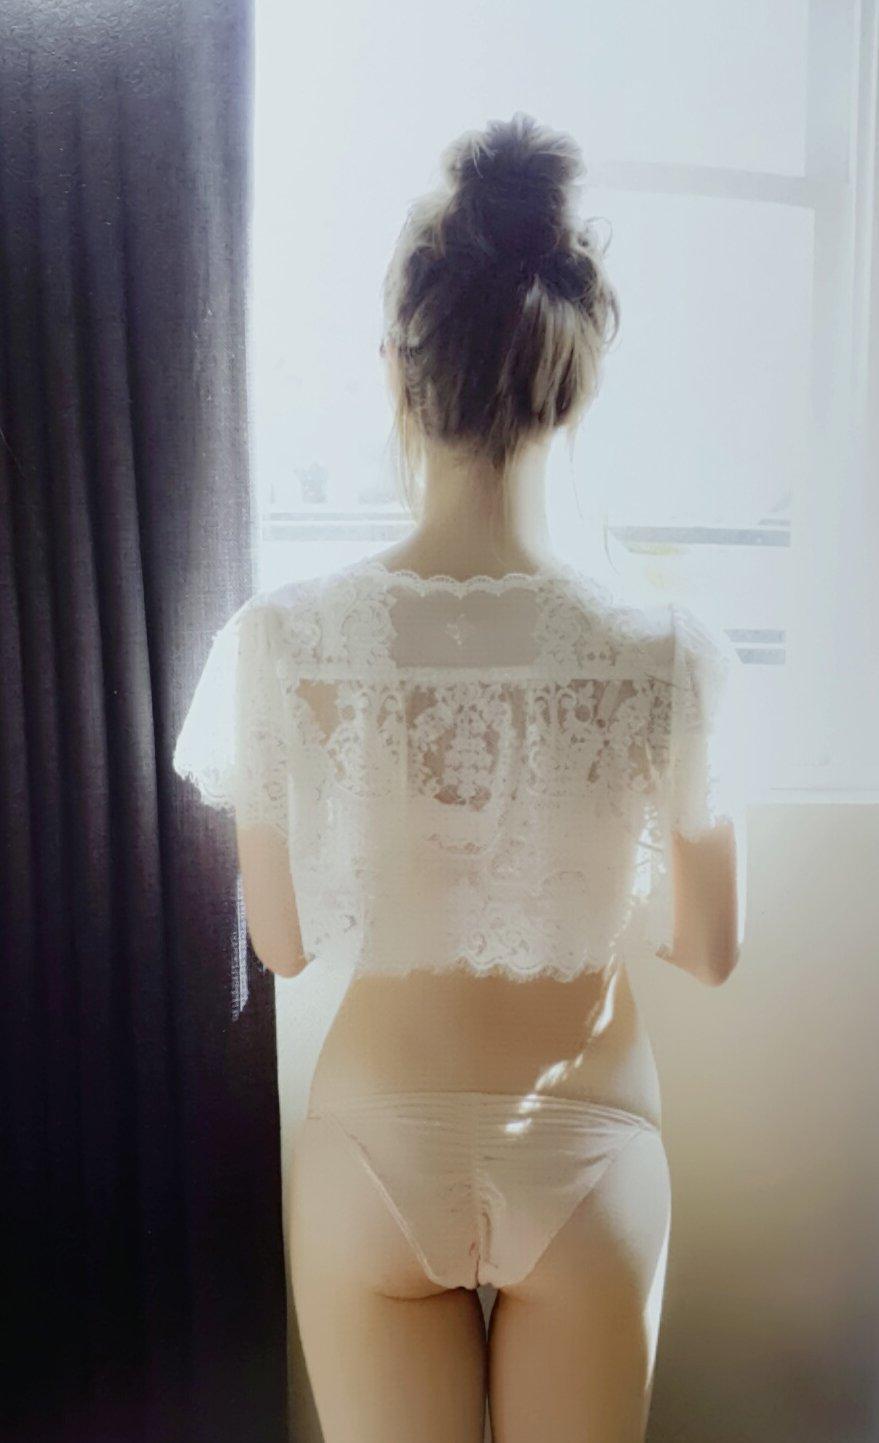 白石麻衣の写真集「パスポート」画像(白石麻衣の下着お尻グラビア)